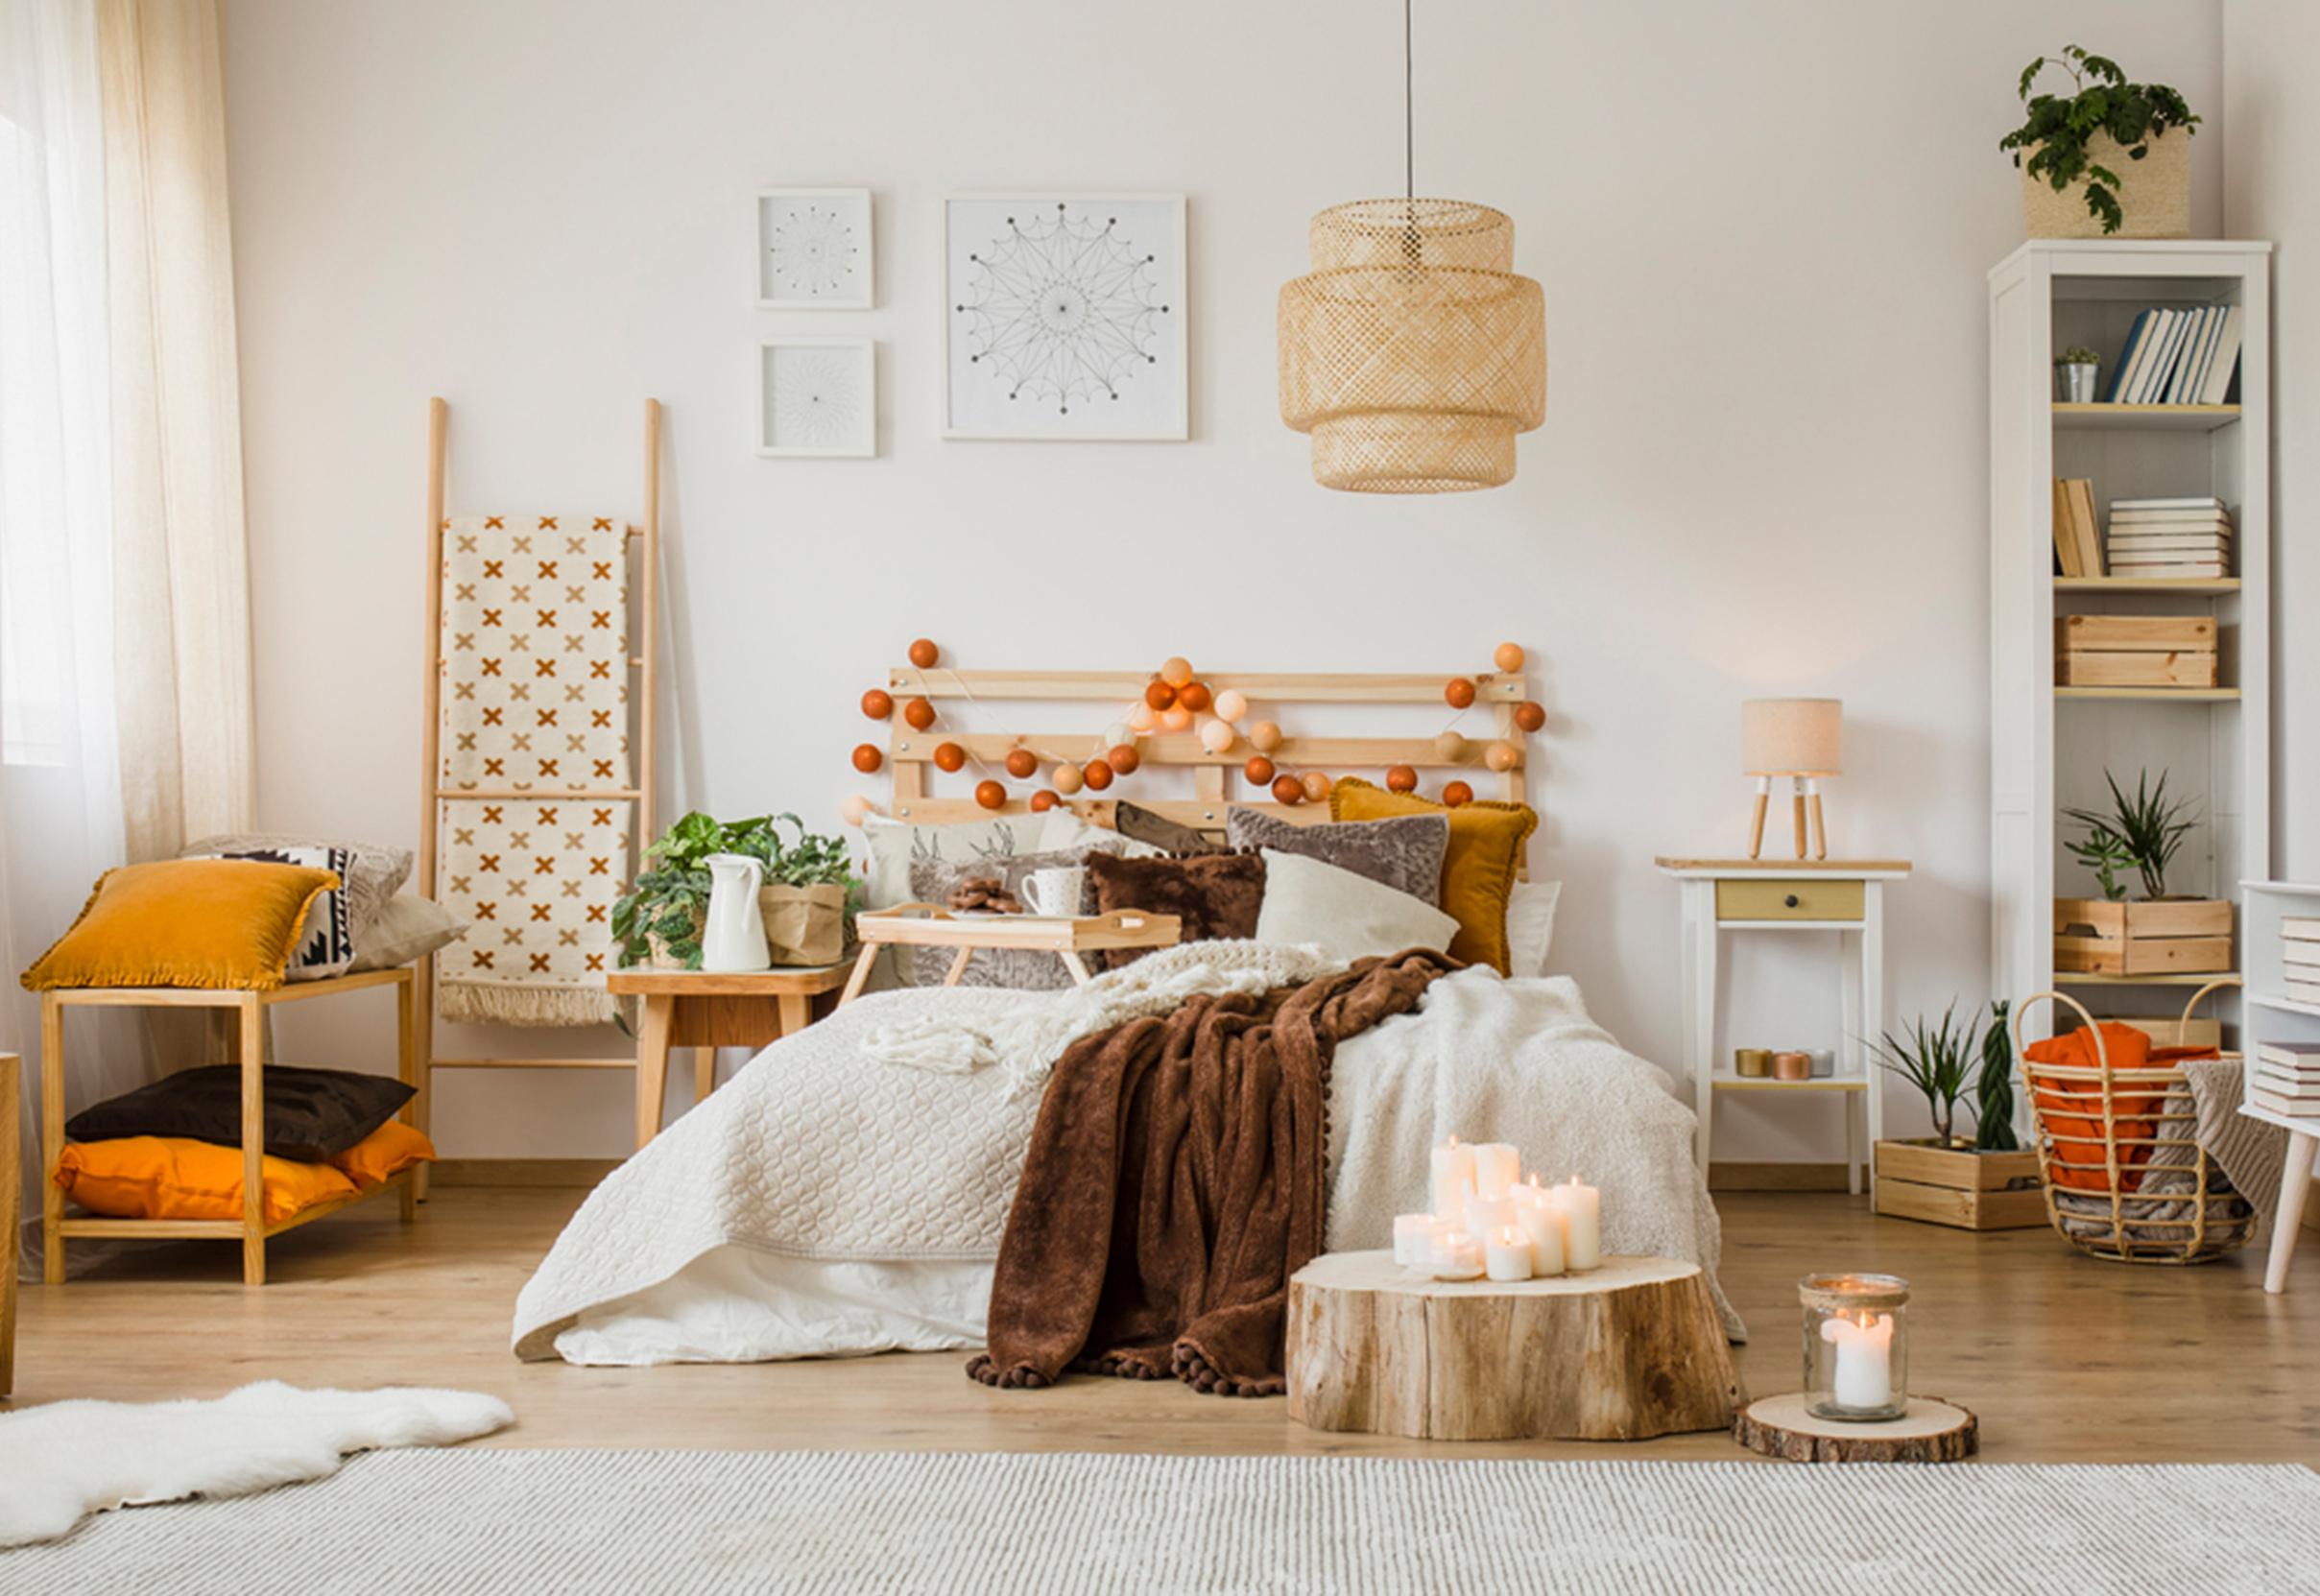 Arredare casa in autunno consigli creativi key immobiliare - Consigli arredare casa ...